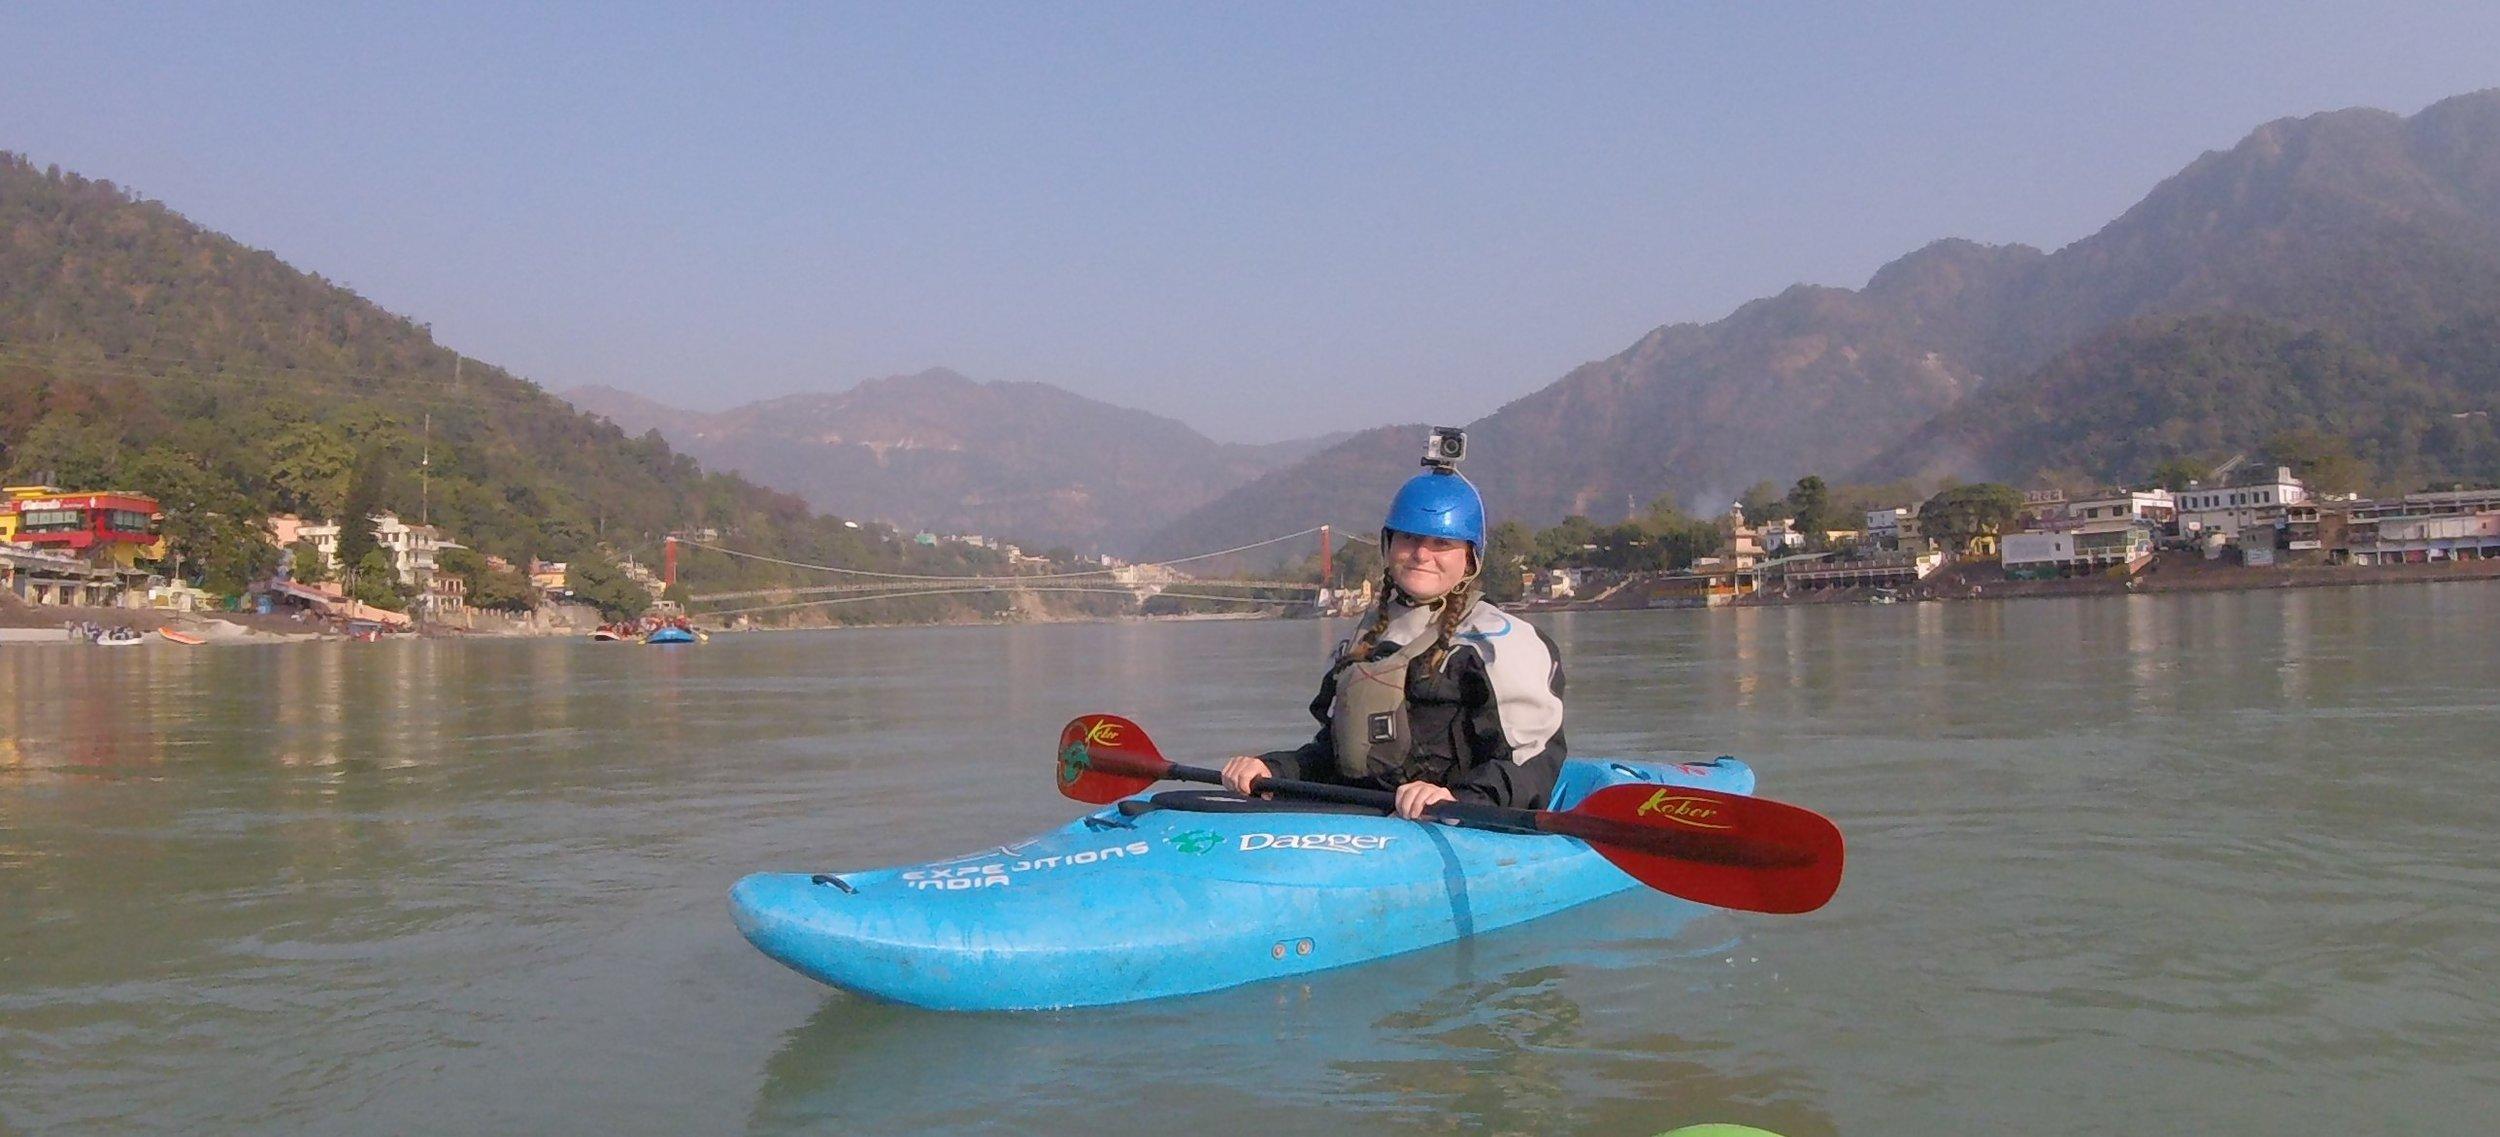 Ann Jenks, Visiting River Guide